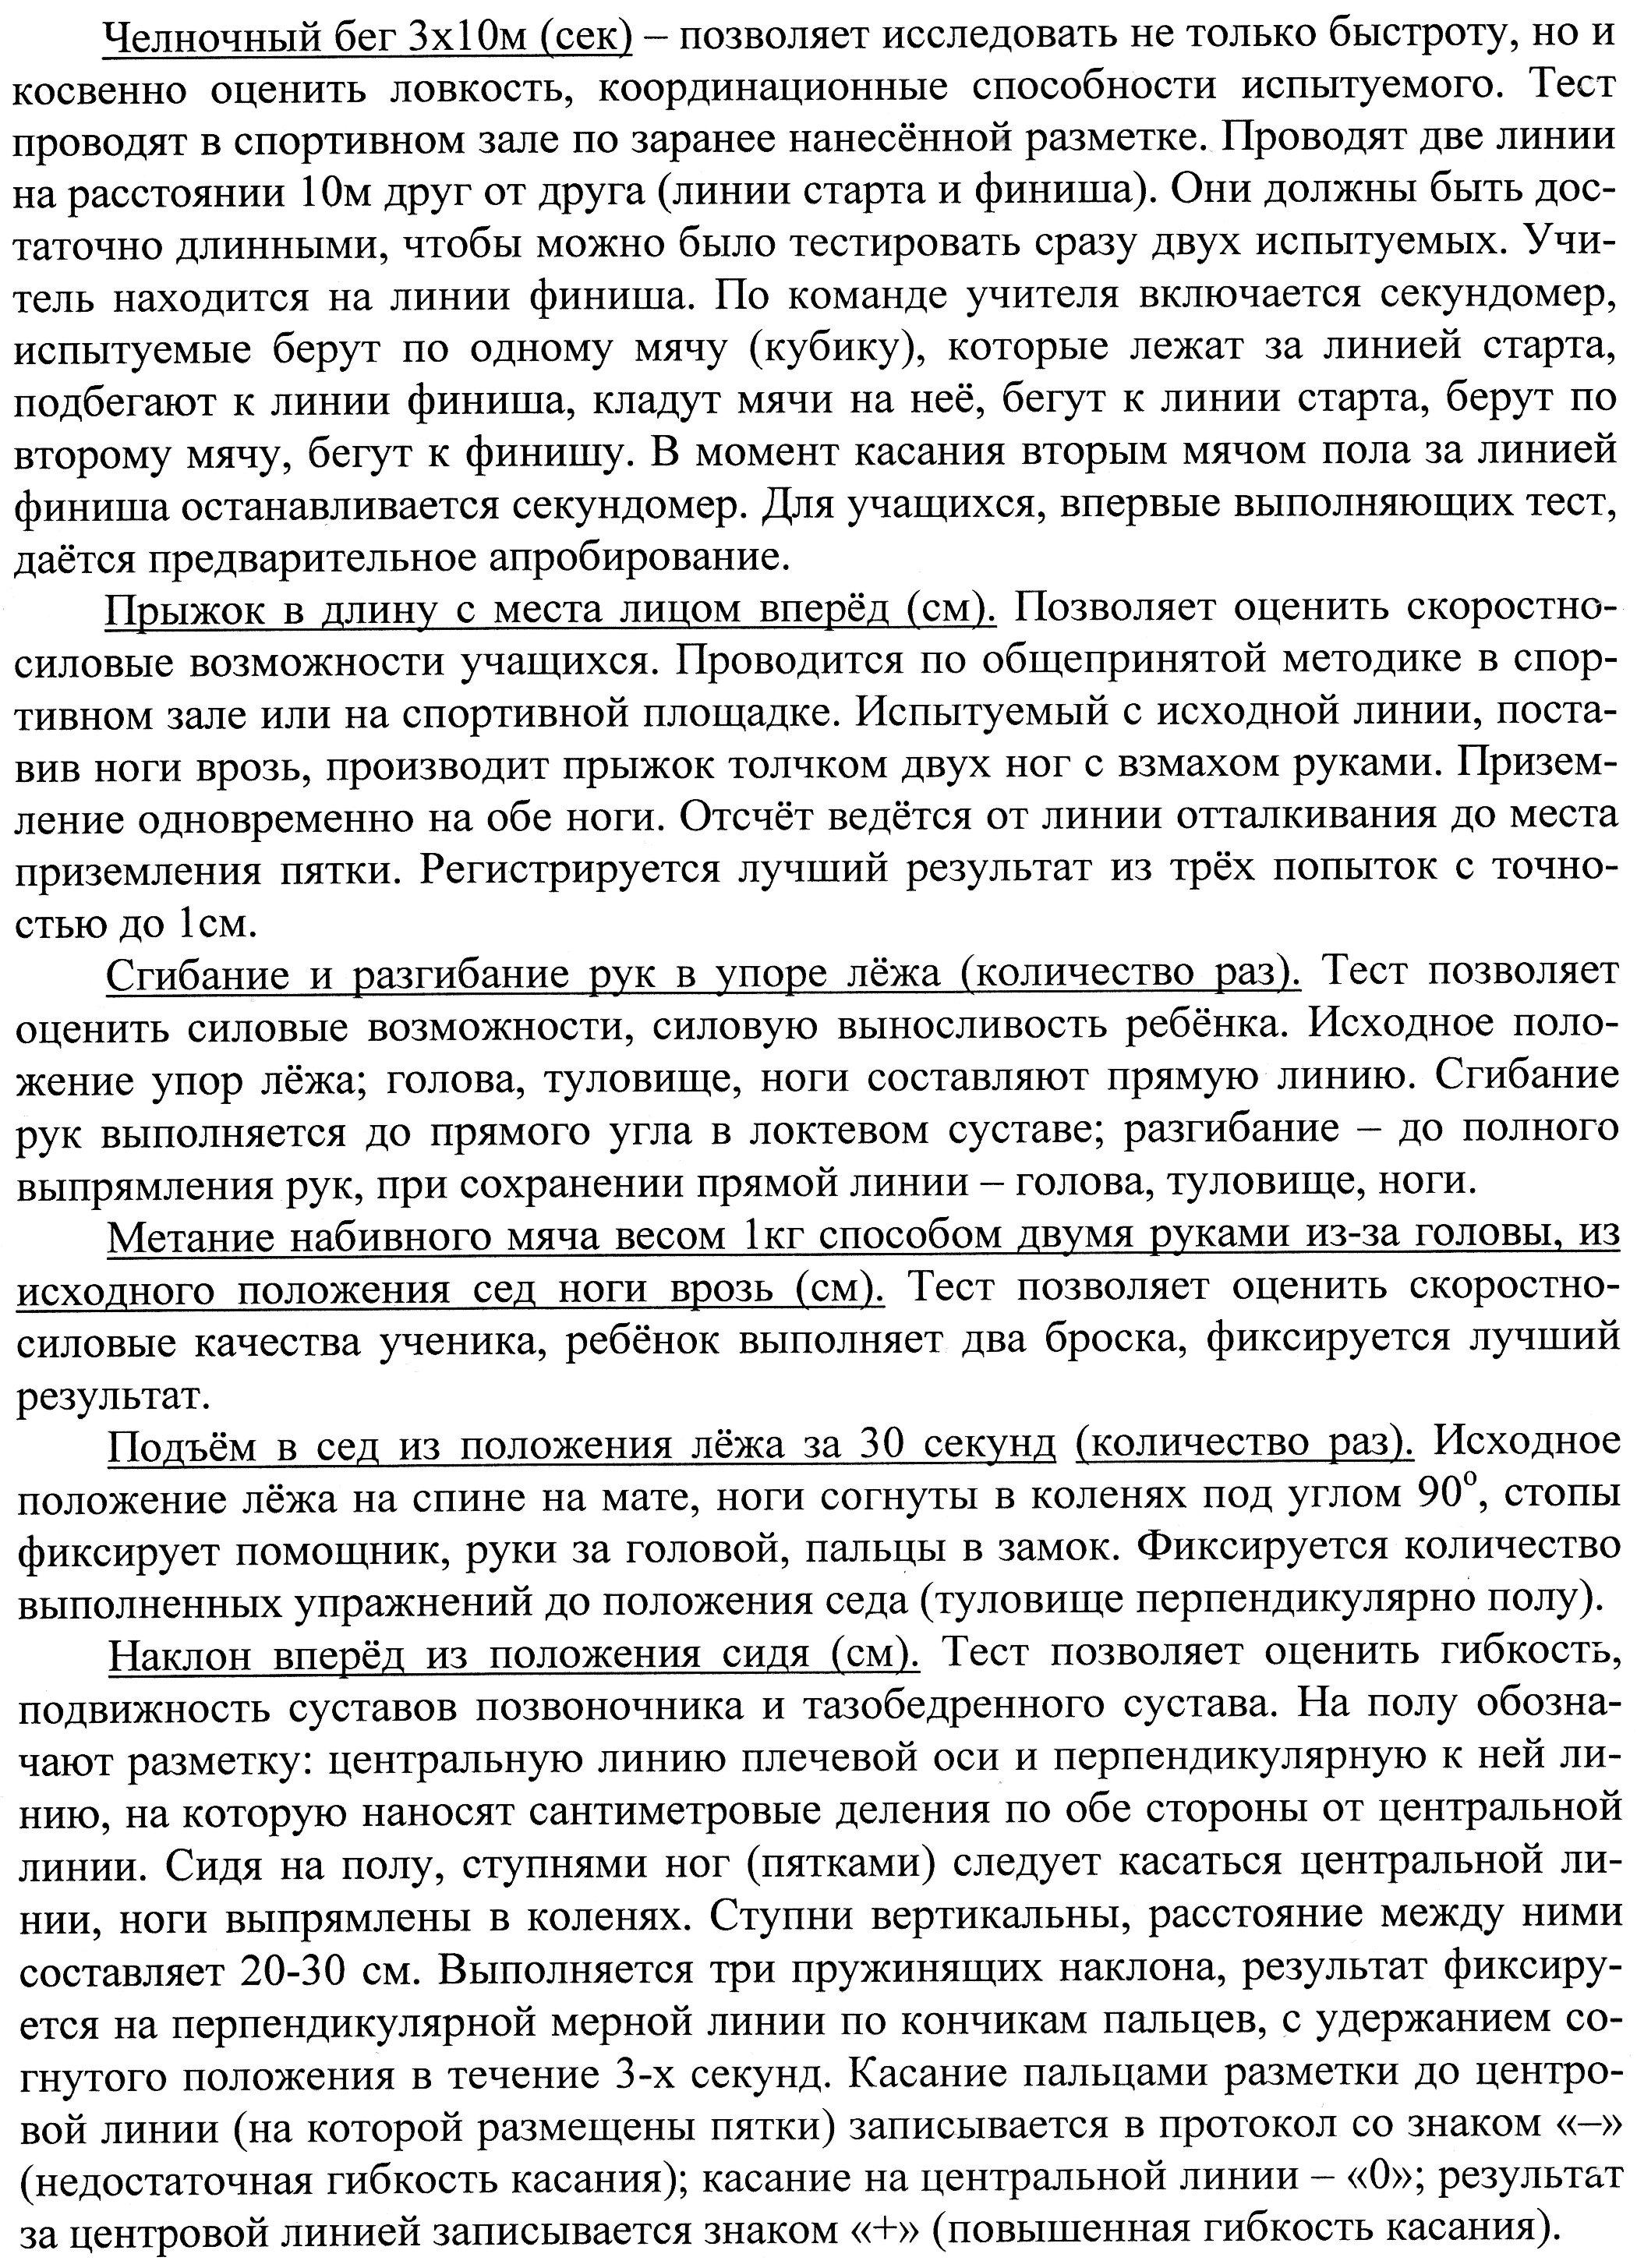 C:\Users\Валентина\Desktop\Ира\3.jpg